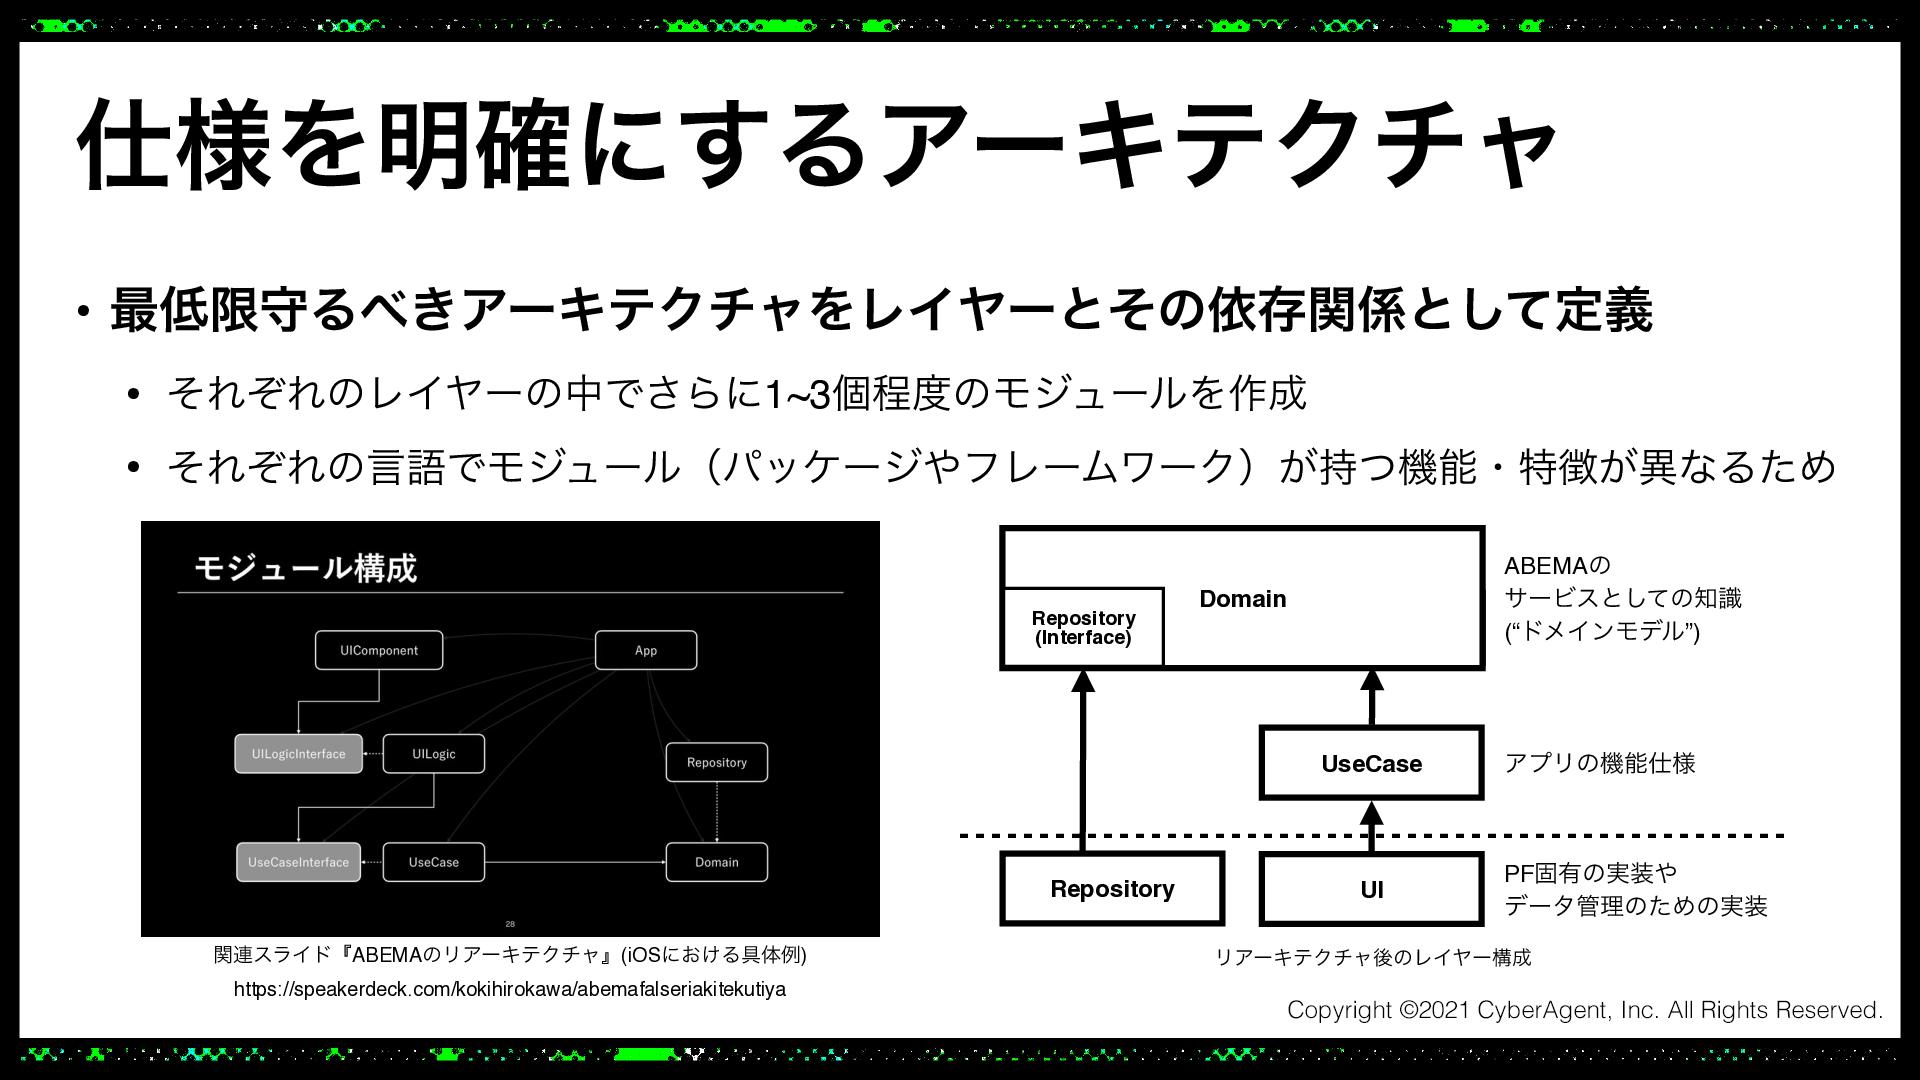 Domain、UseCase、UI、Data (Repository) の関係を表現した図を含んだスライド。DataとUseCaseからDomainに、またUIからDomainに矢印が向いており、依存の方向を示している。